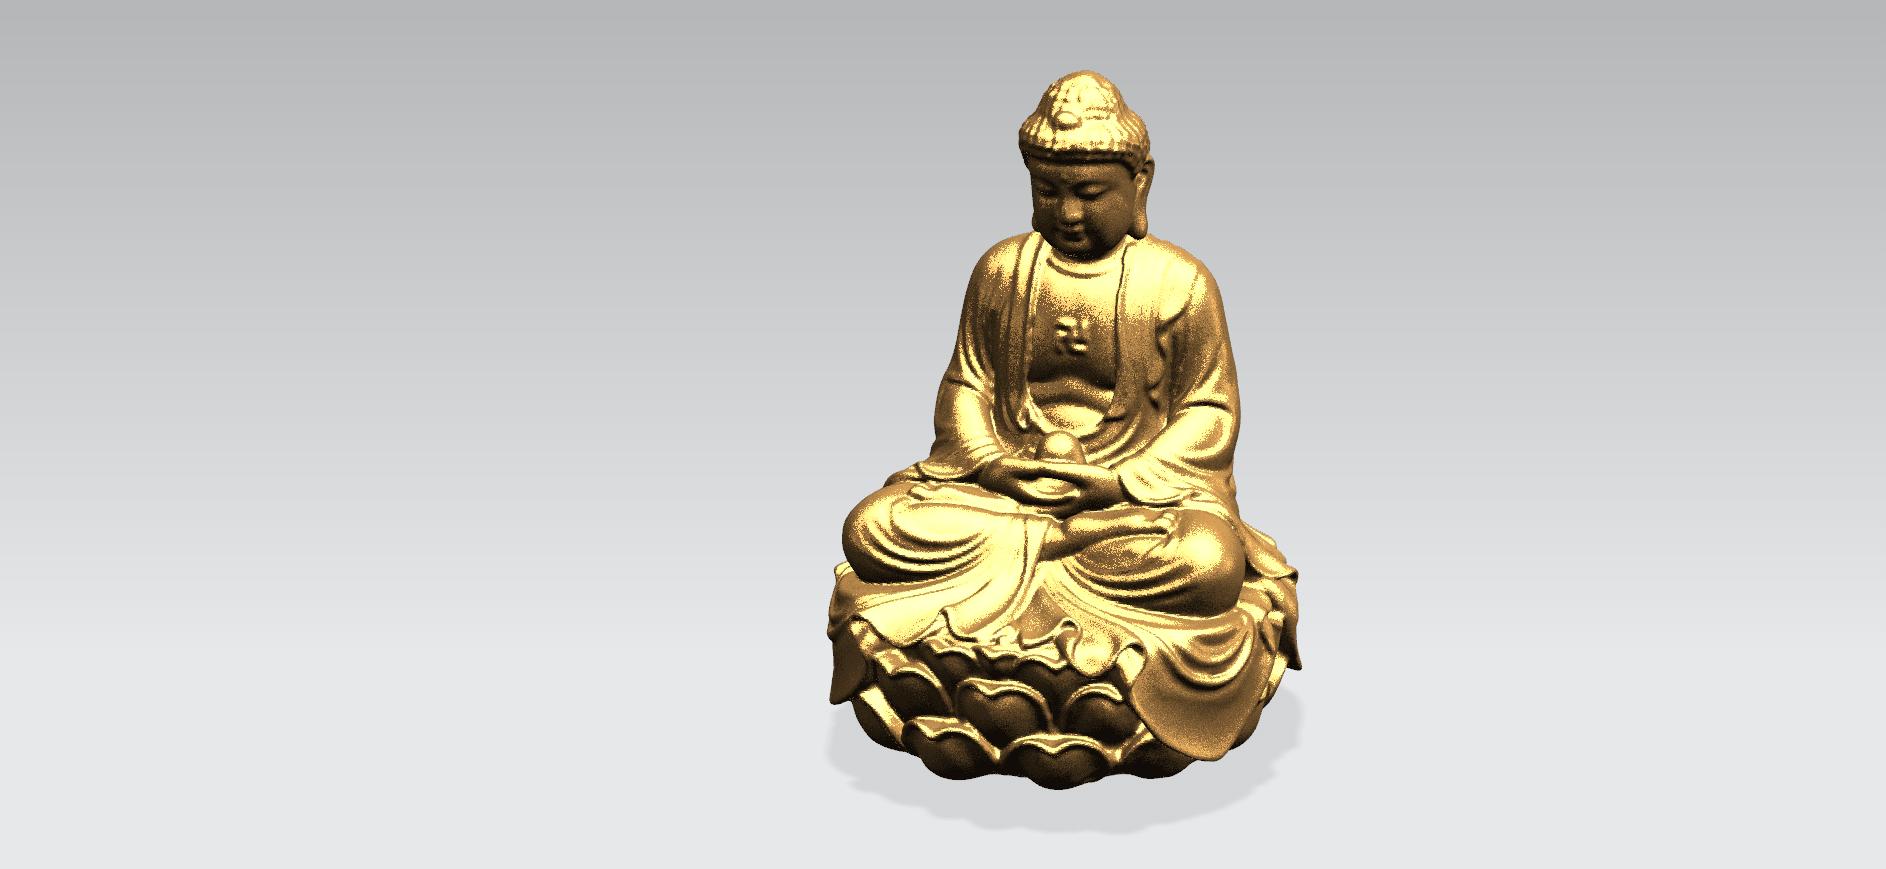 Gautama Buddha -B05.png Télécharger fichier STL gratuit Gautama Bouddha 01 • Plan pour impression 3D, GeorgesNikkei